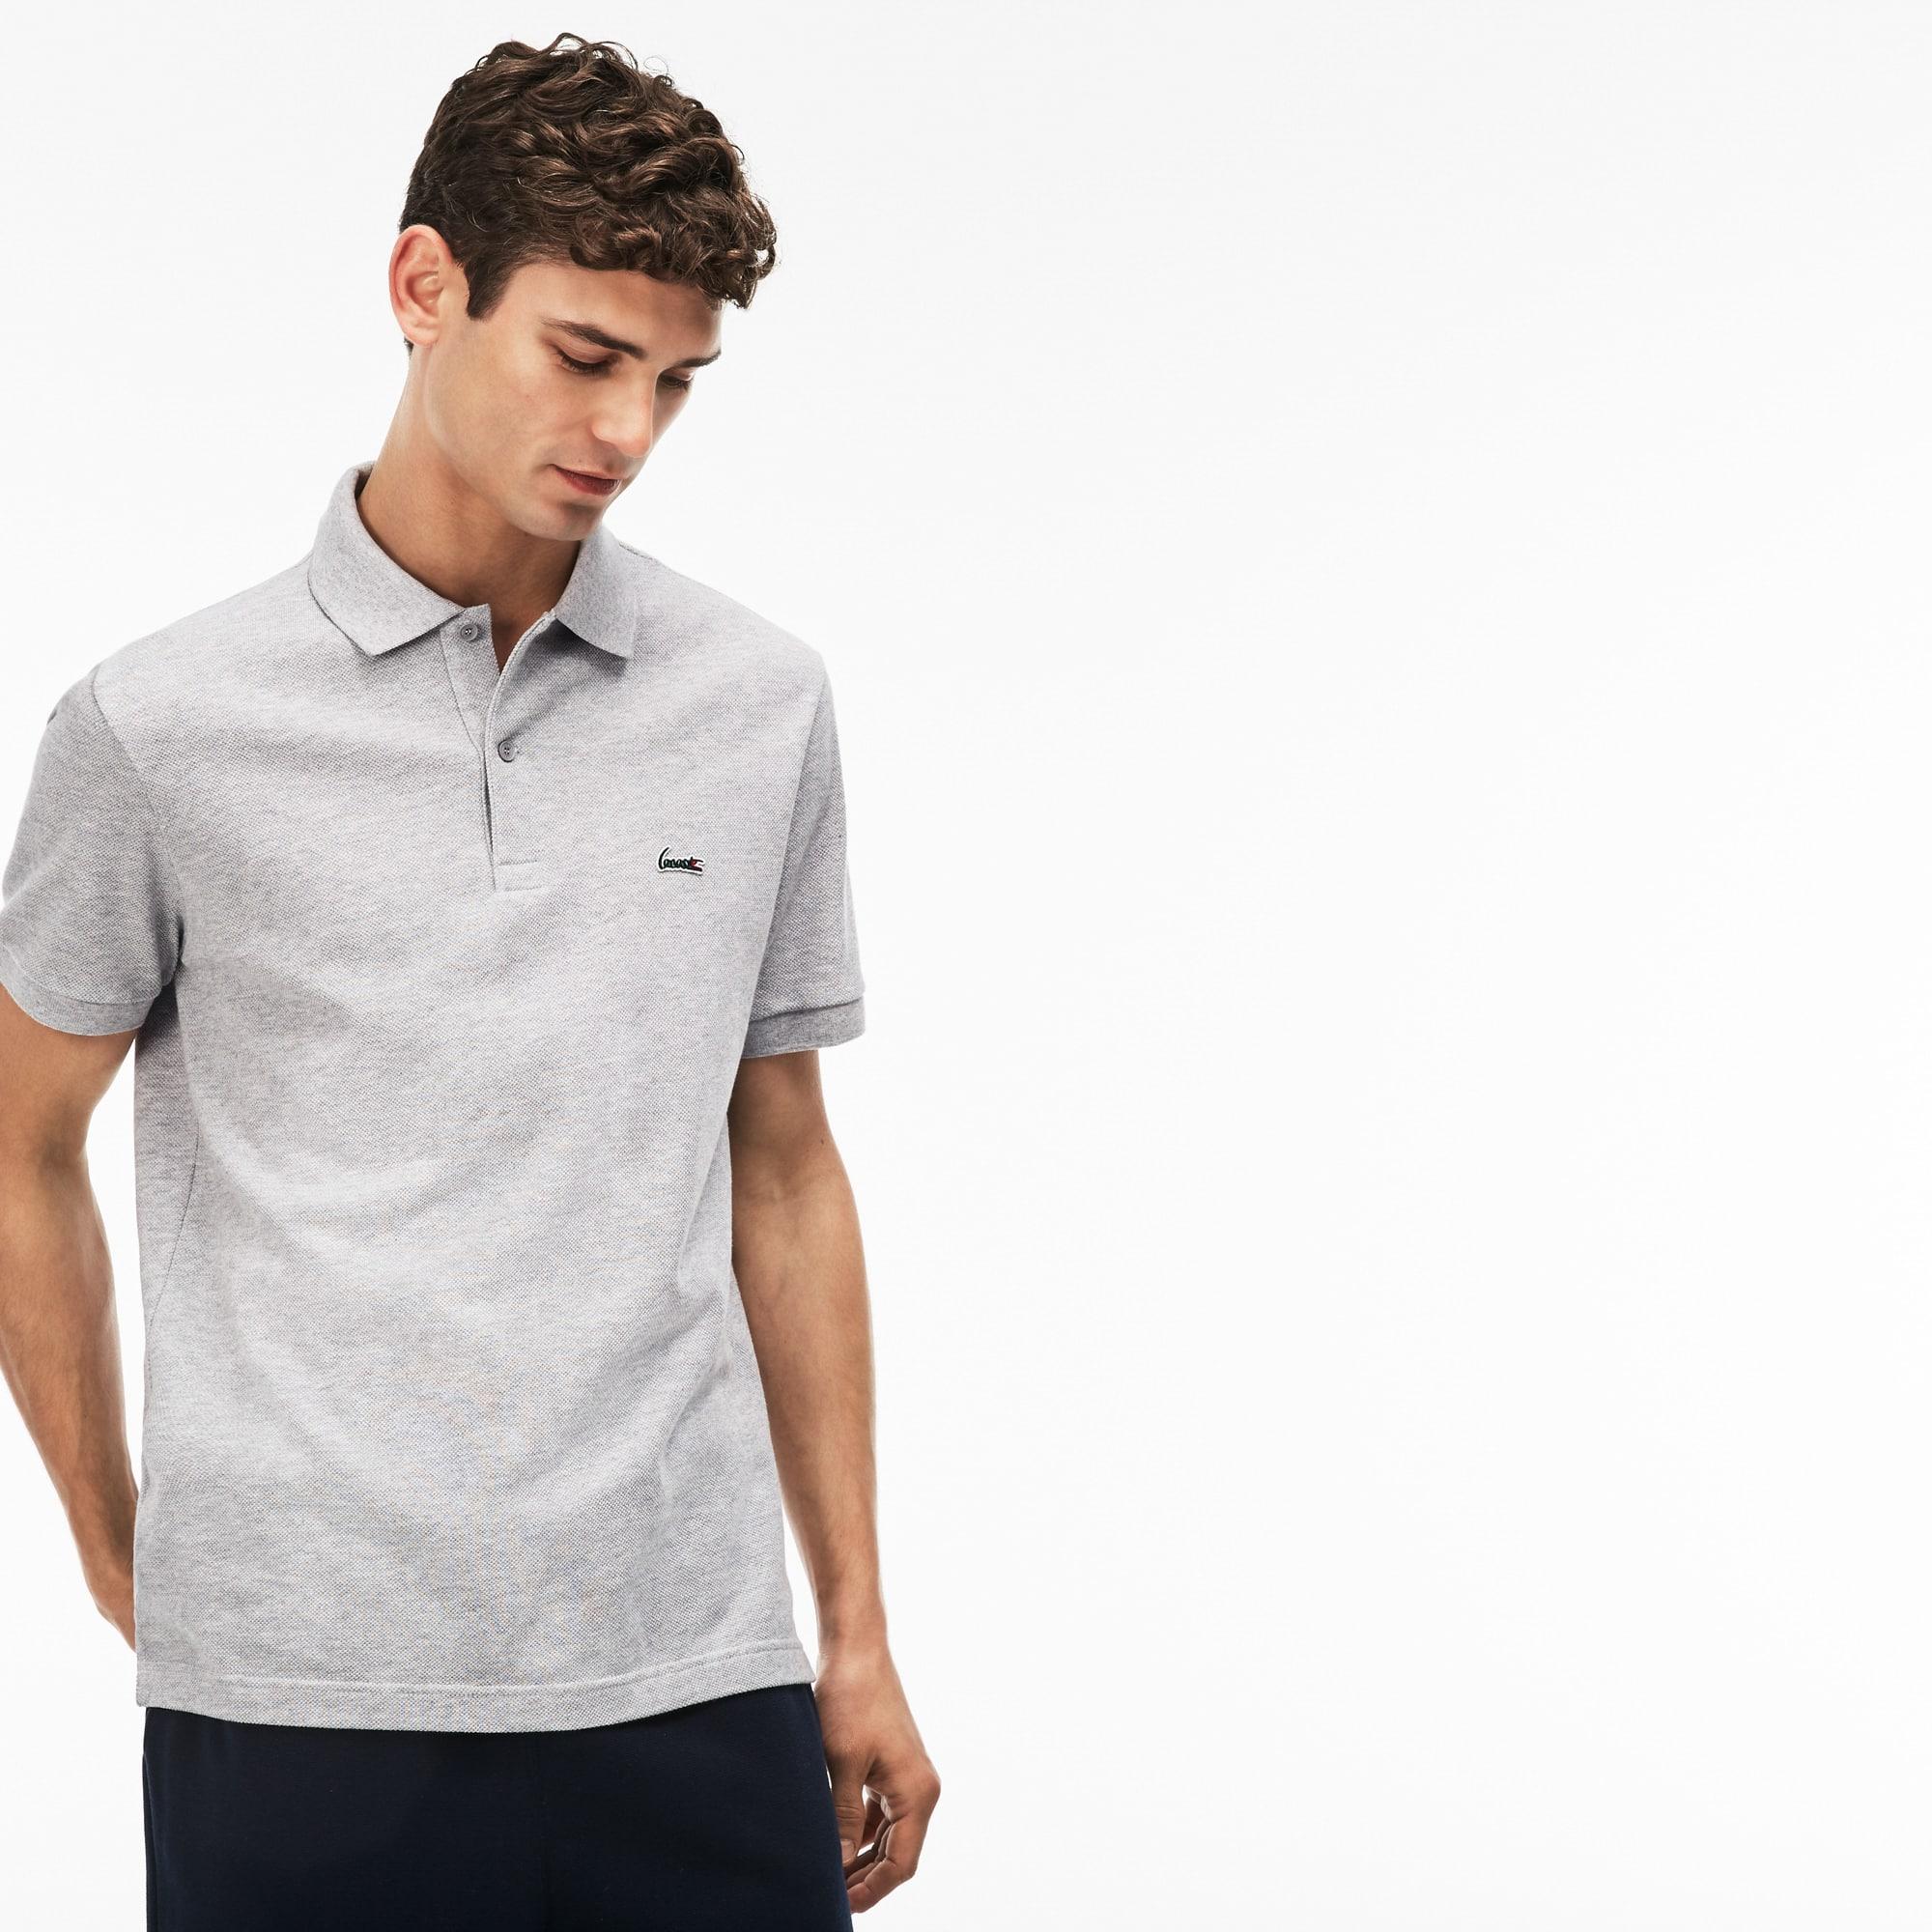 Men's  Regular Fit Cotton Polo